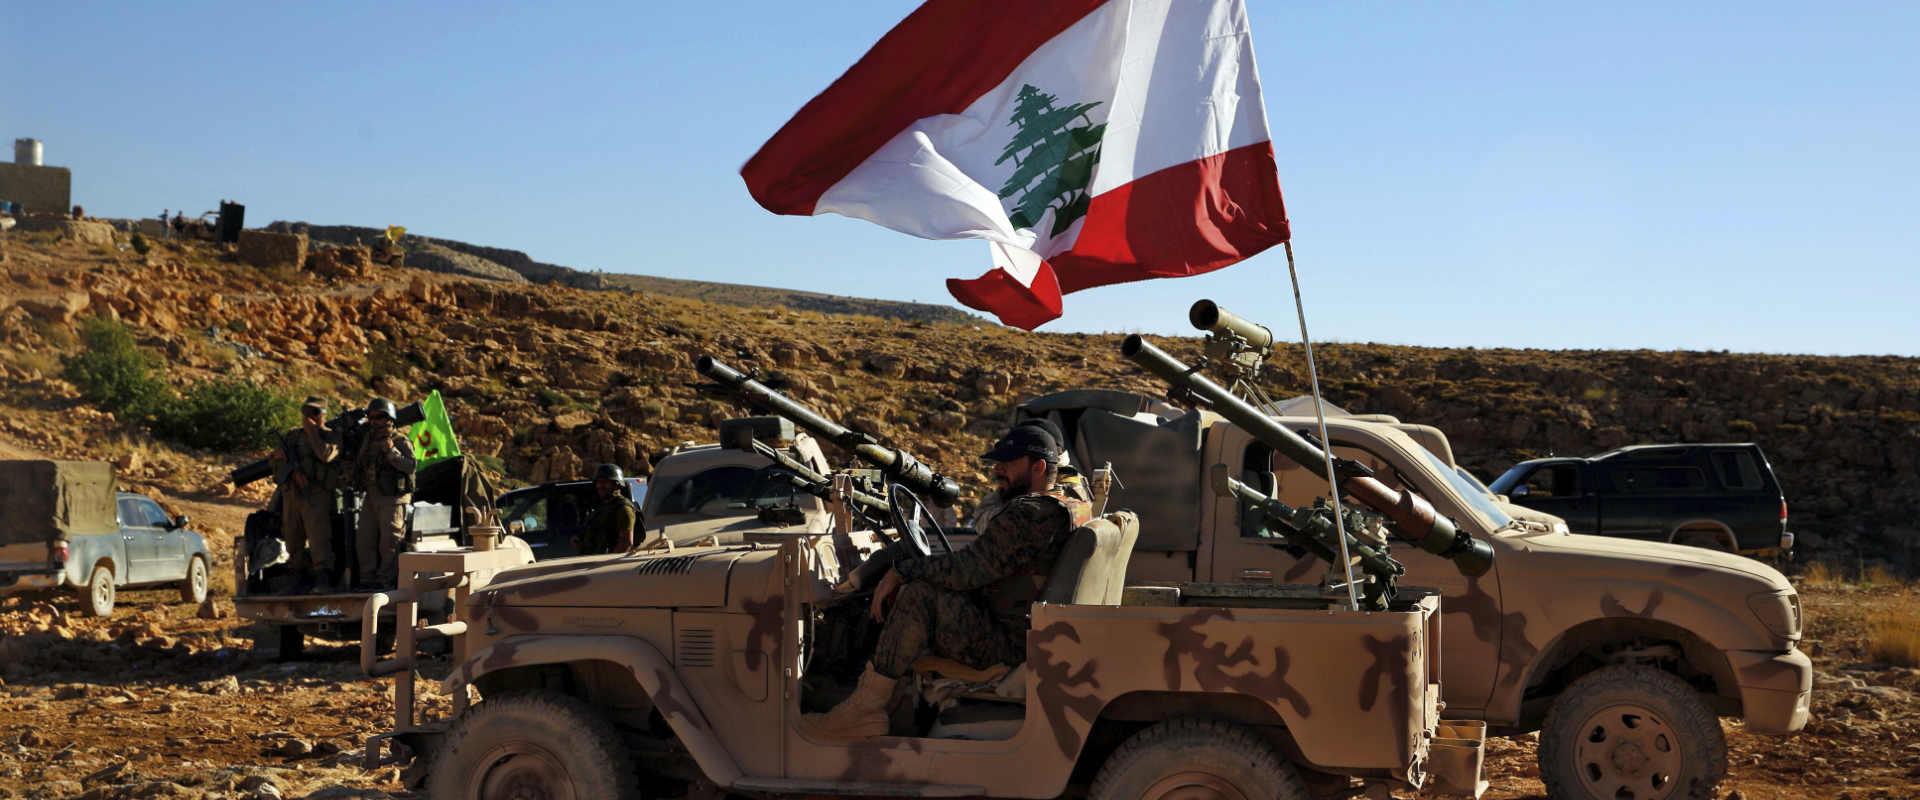 פעילי חיזבאללה בסוריה